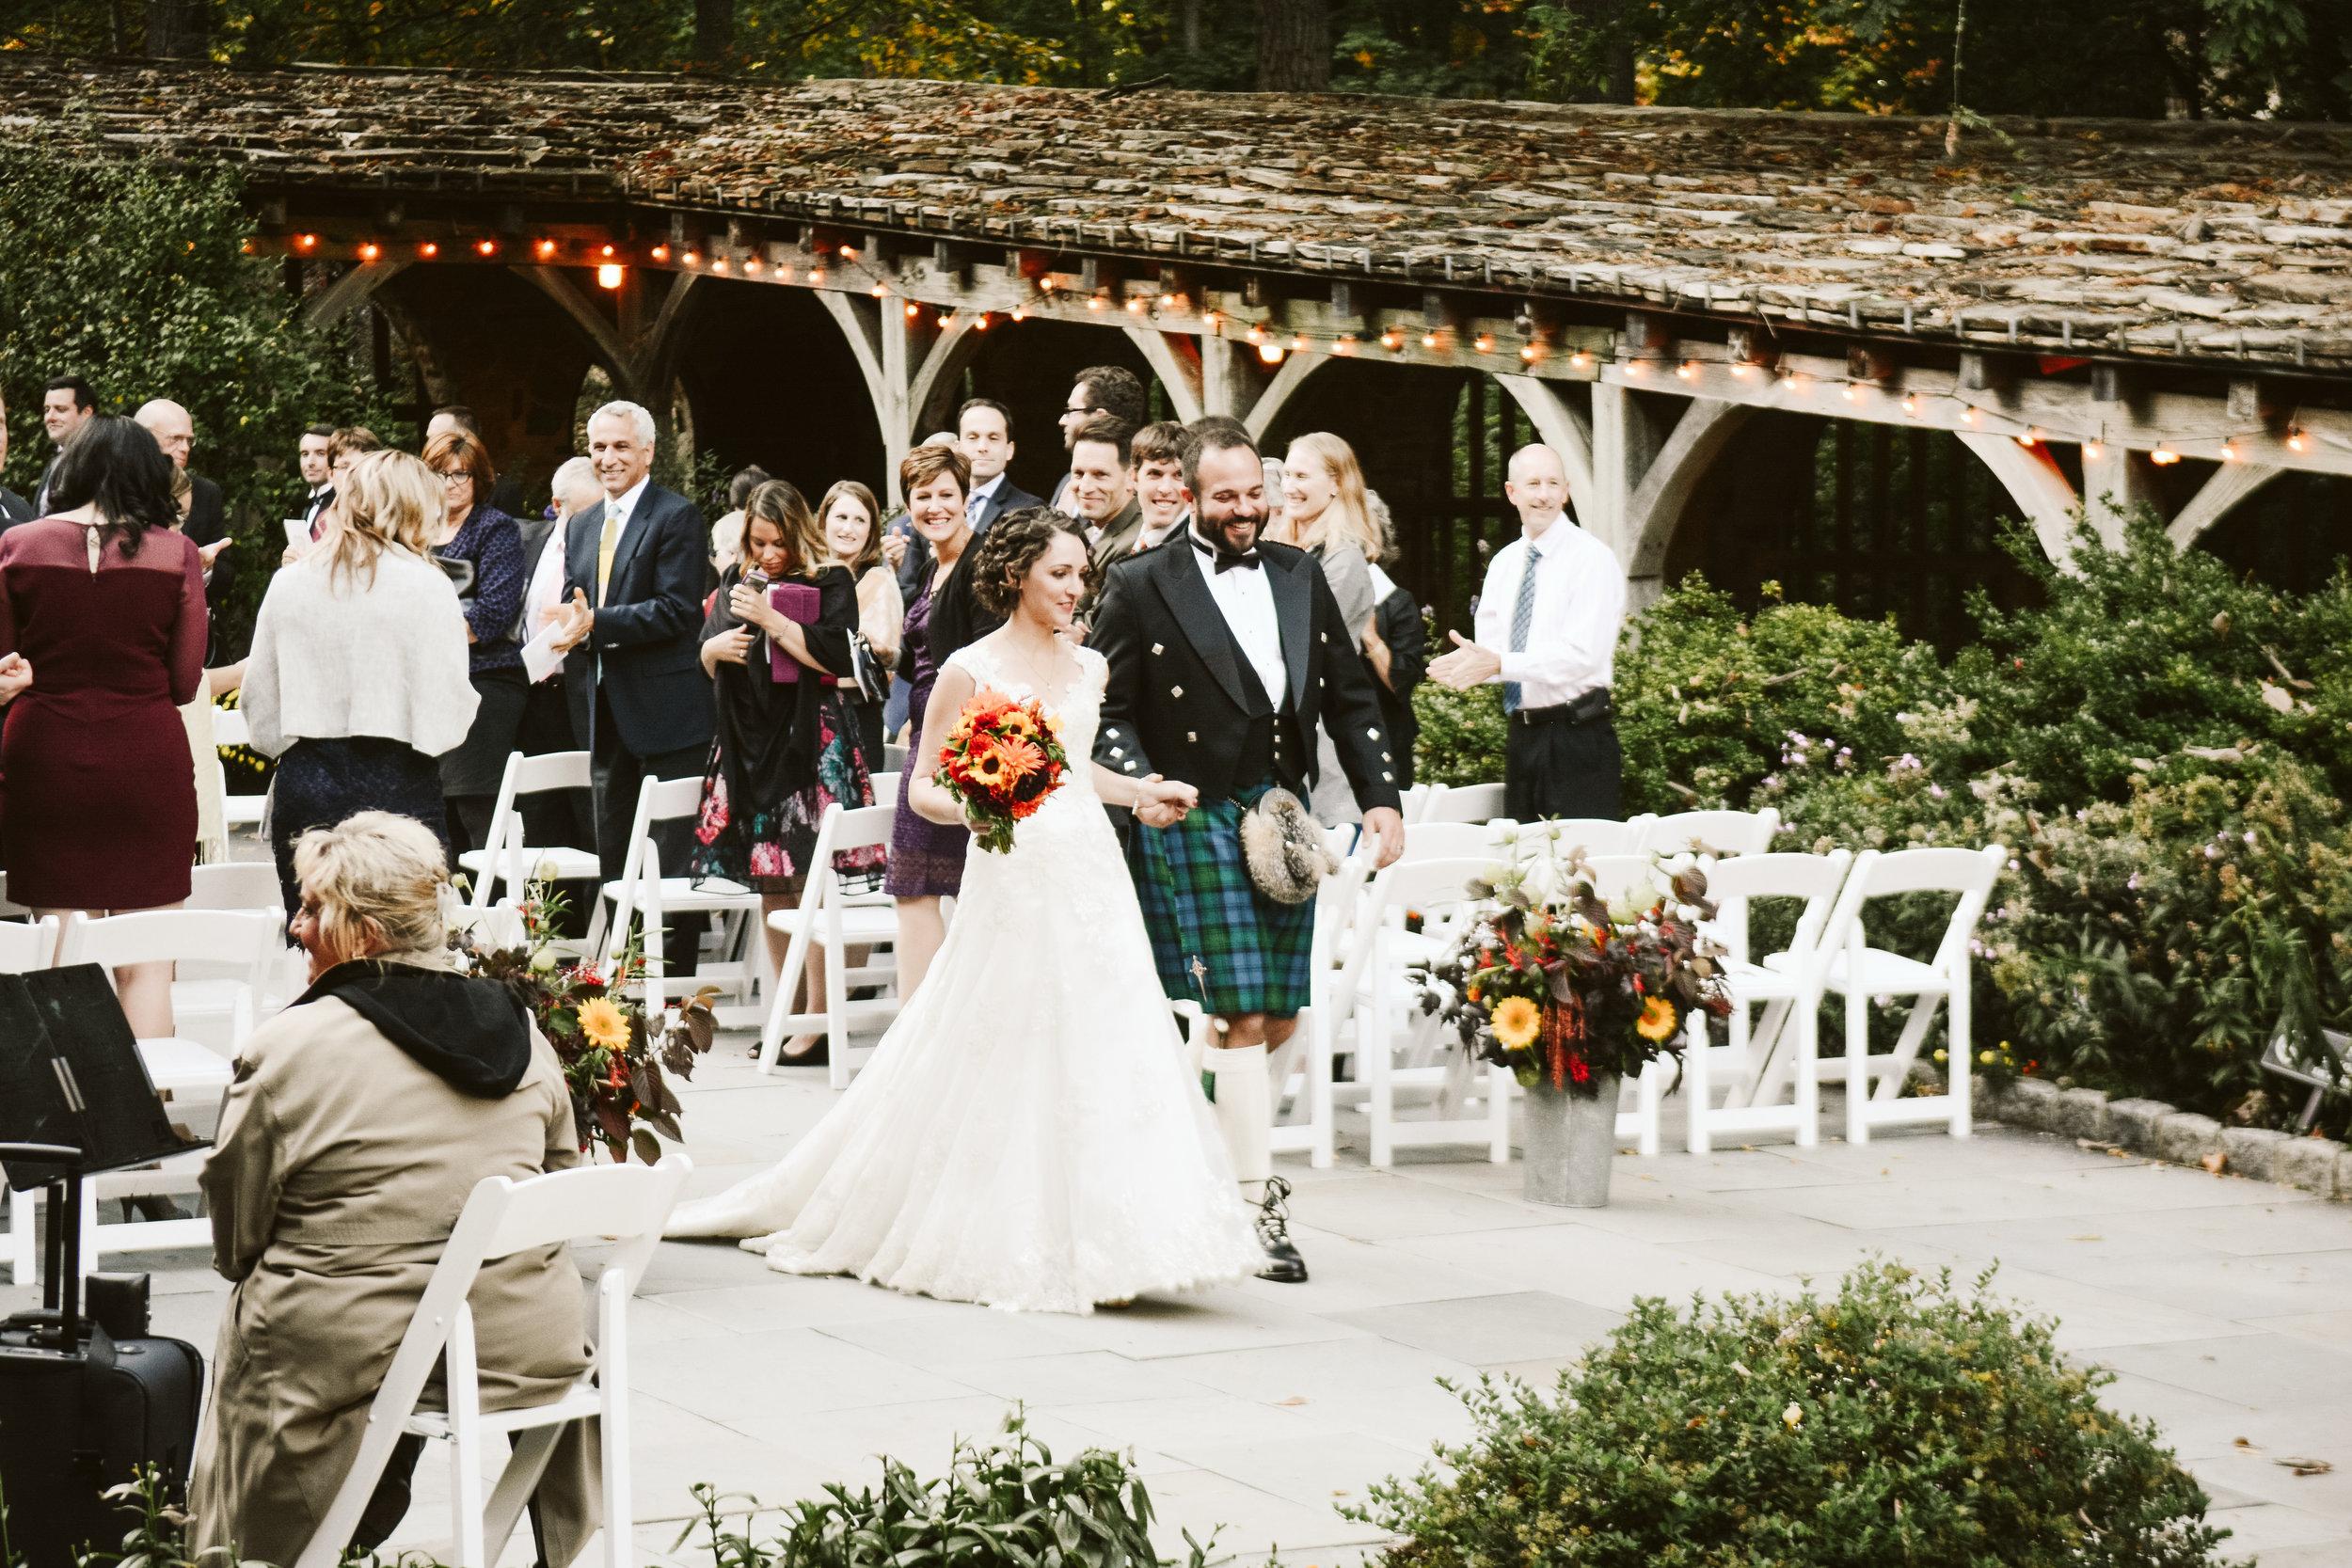 adrienne and greg's wedding 2018 edits-51.jpg